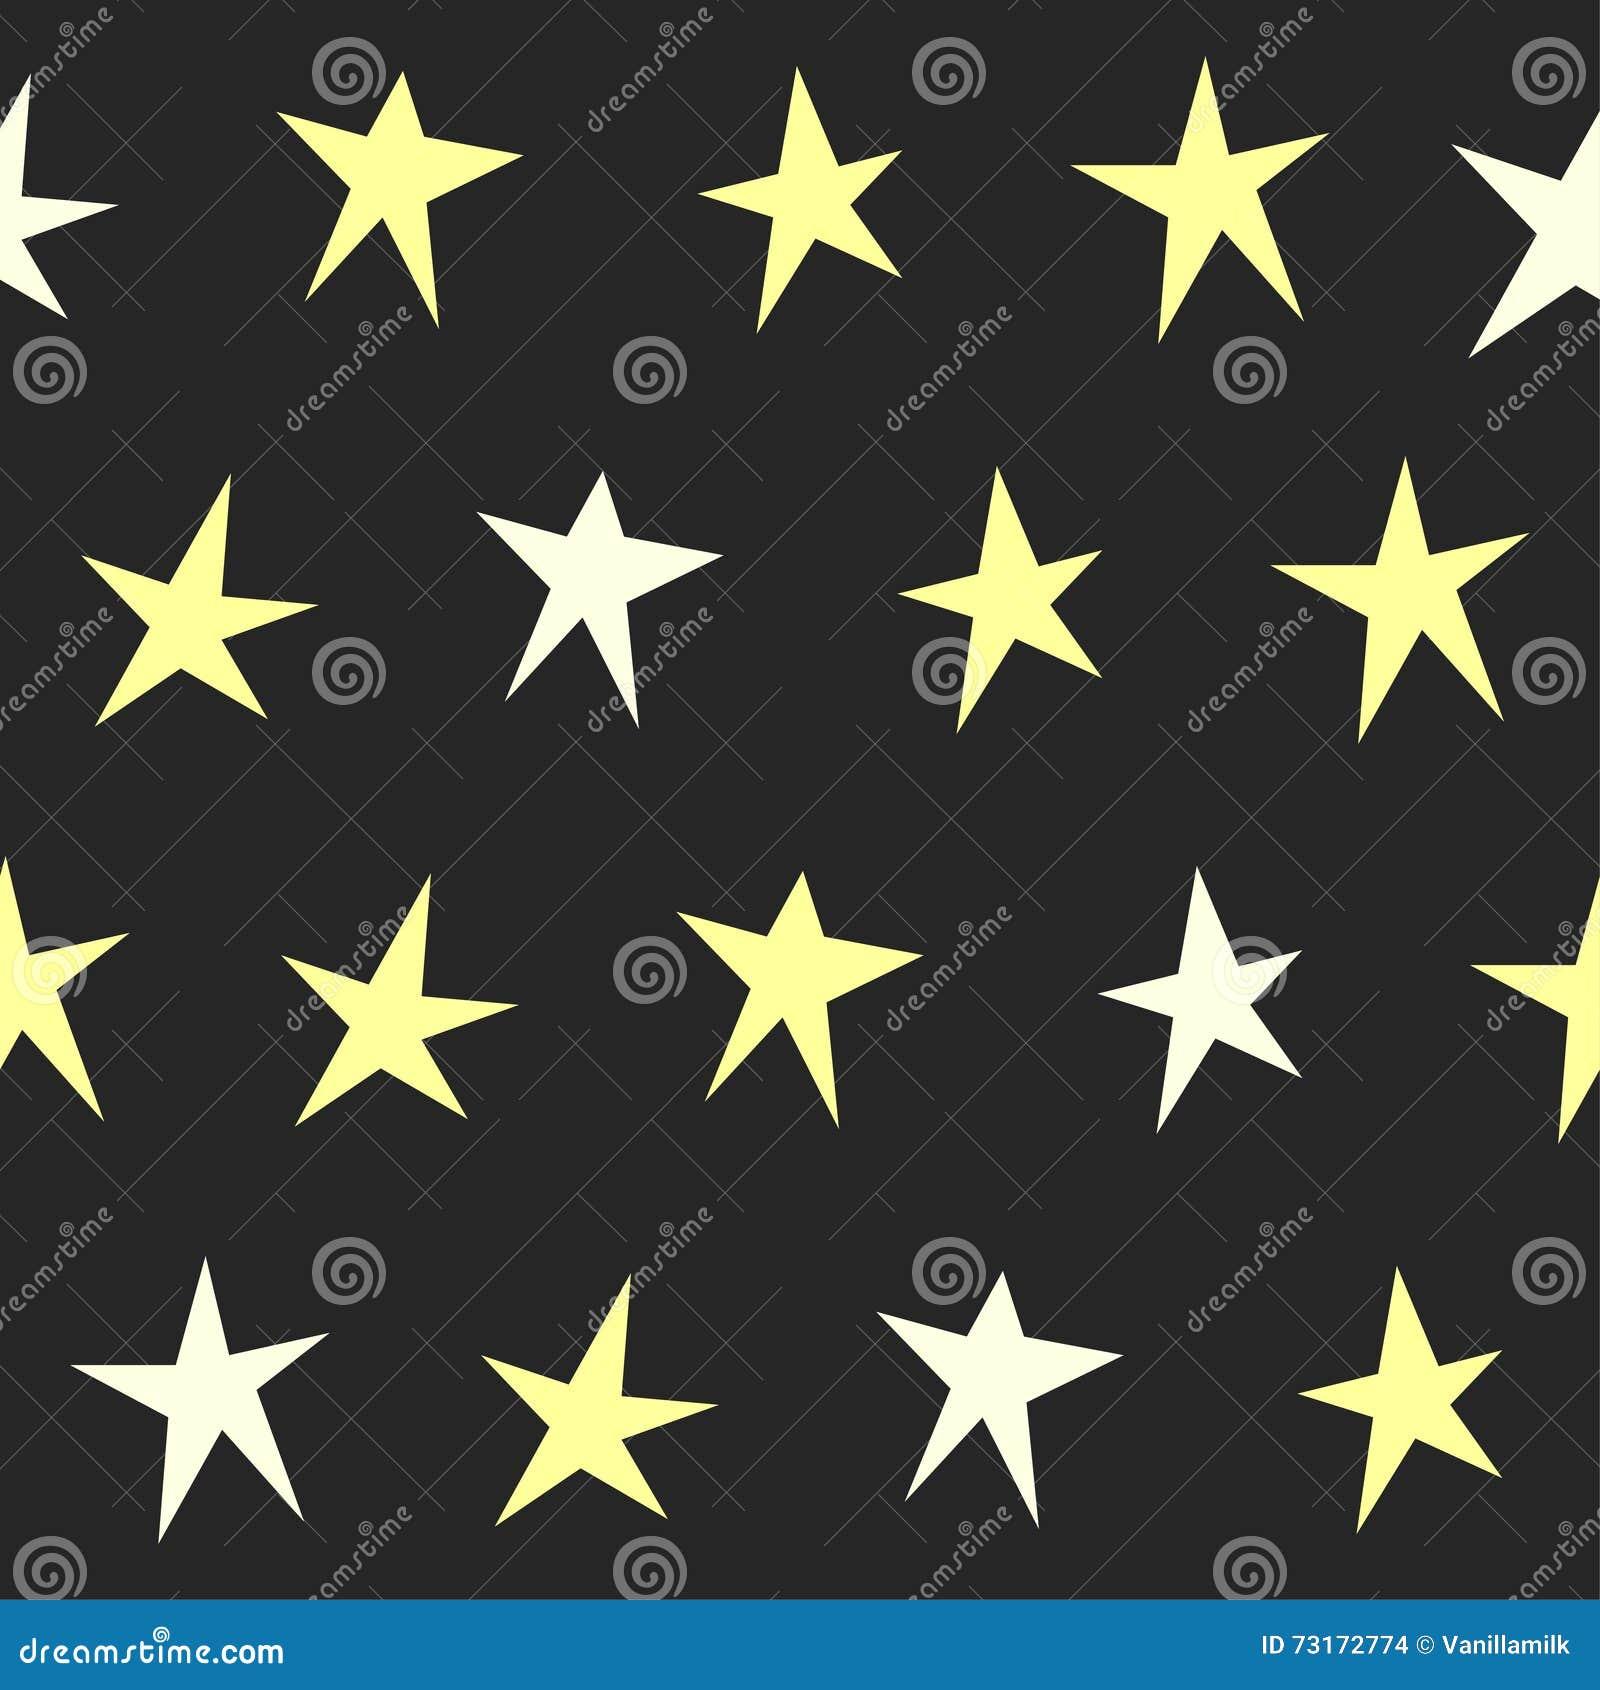 abstractstars abstract stars patterns - photo #9